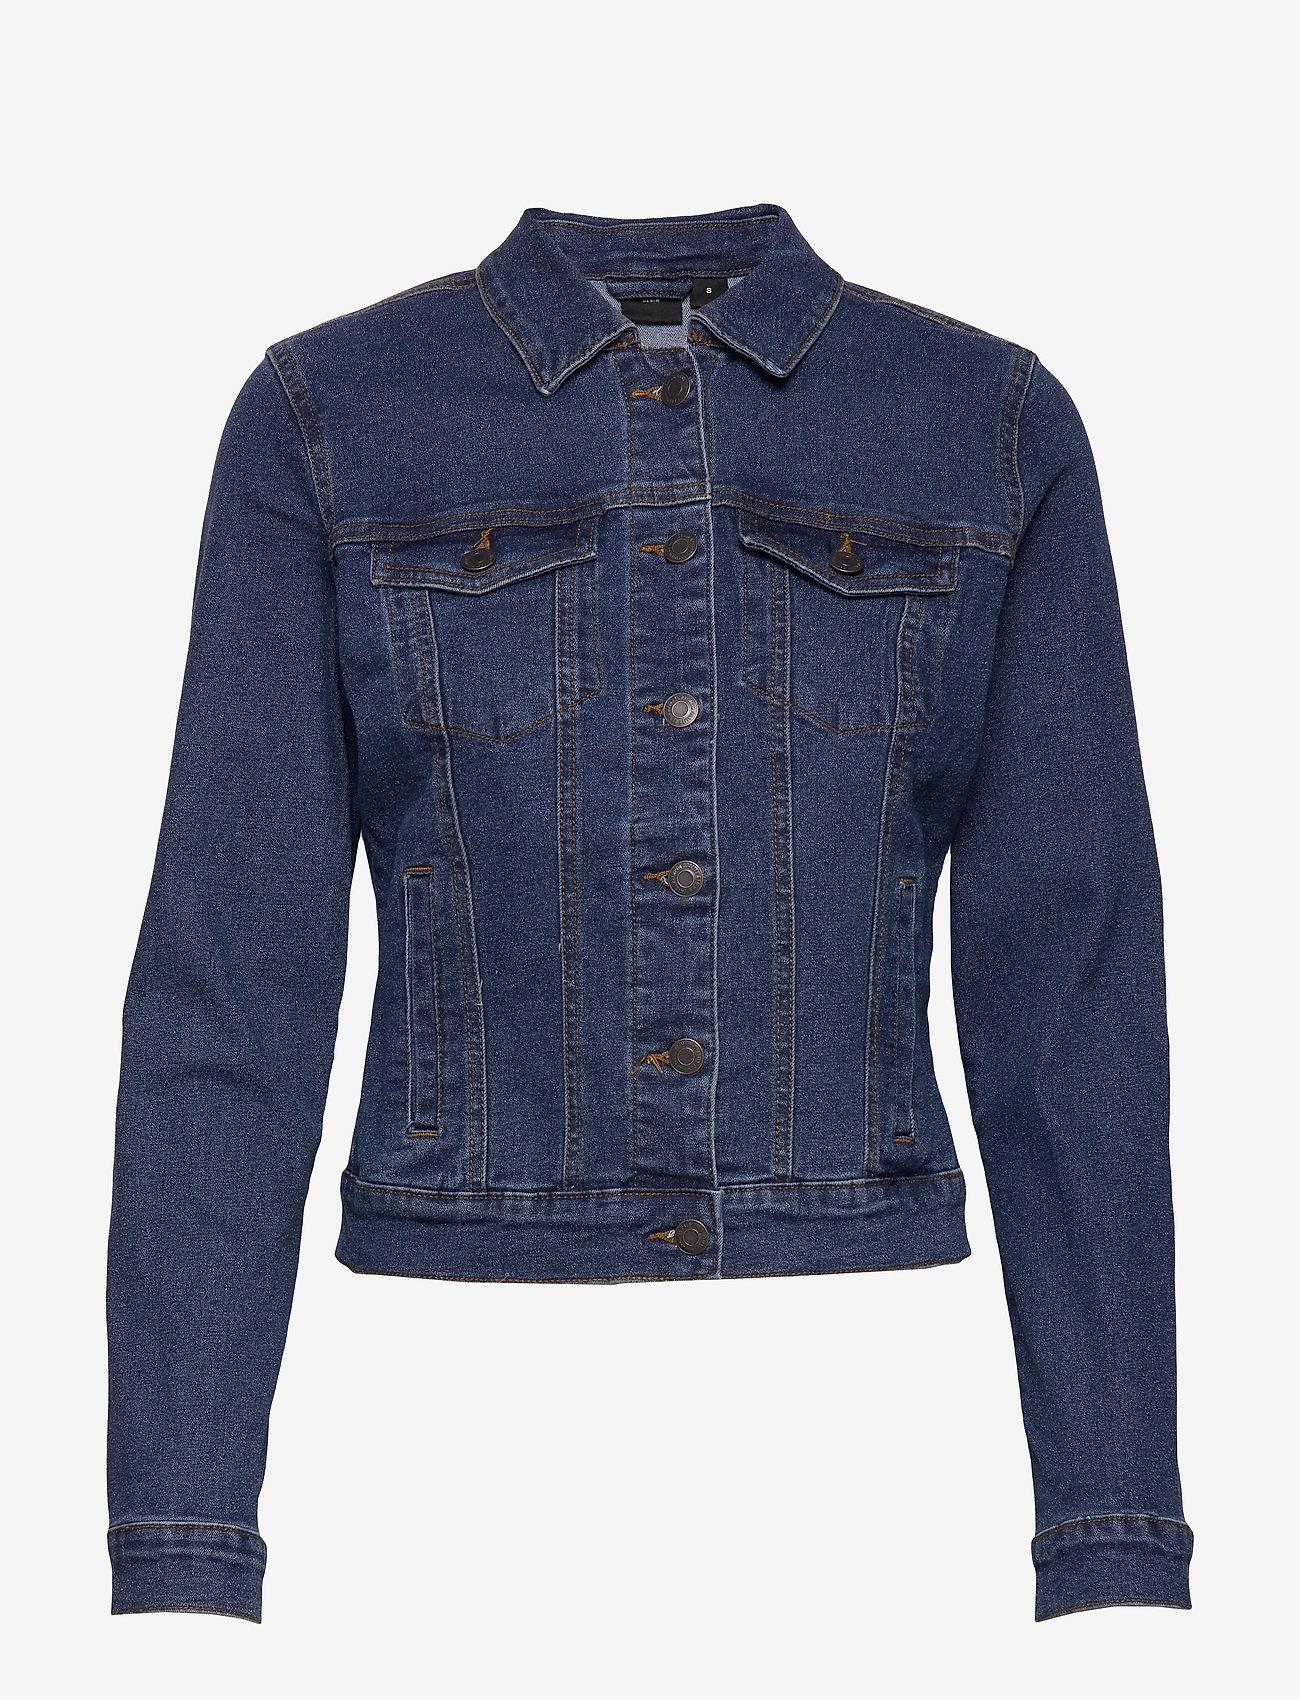 Vero Moda - VMHOT SOYA LS DENIM JACKET MIX NOOS - jeansjakker - medium blue denim